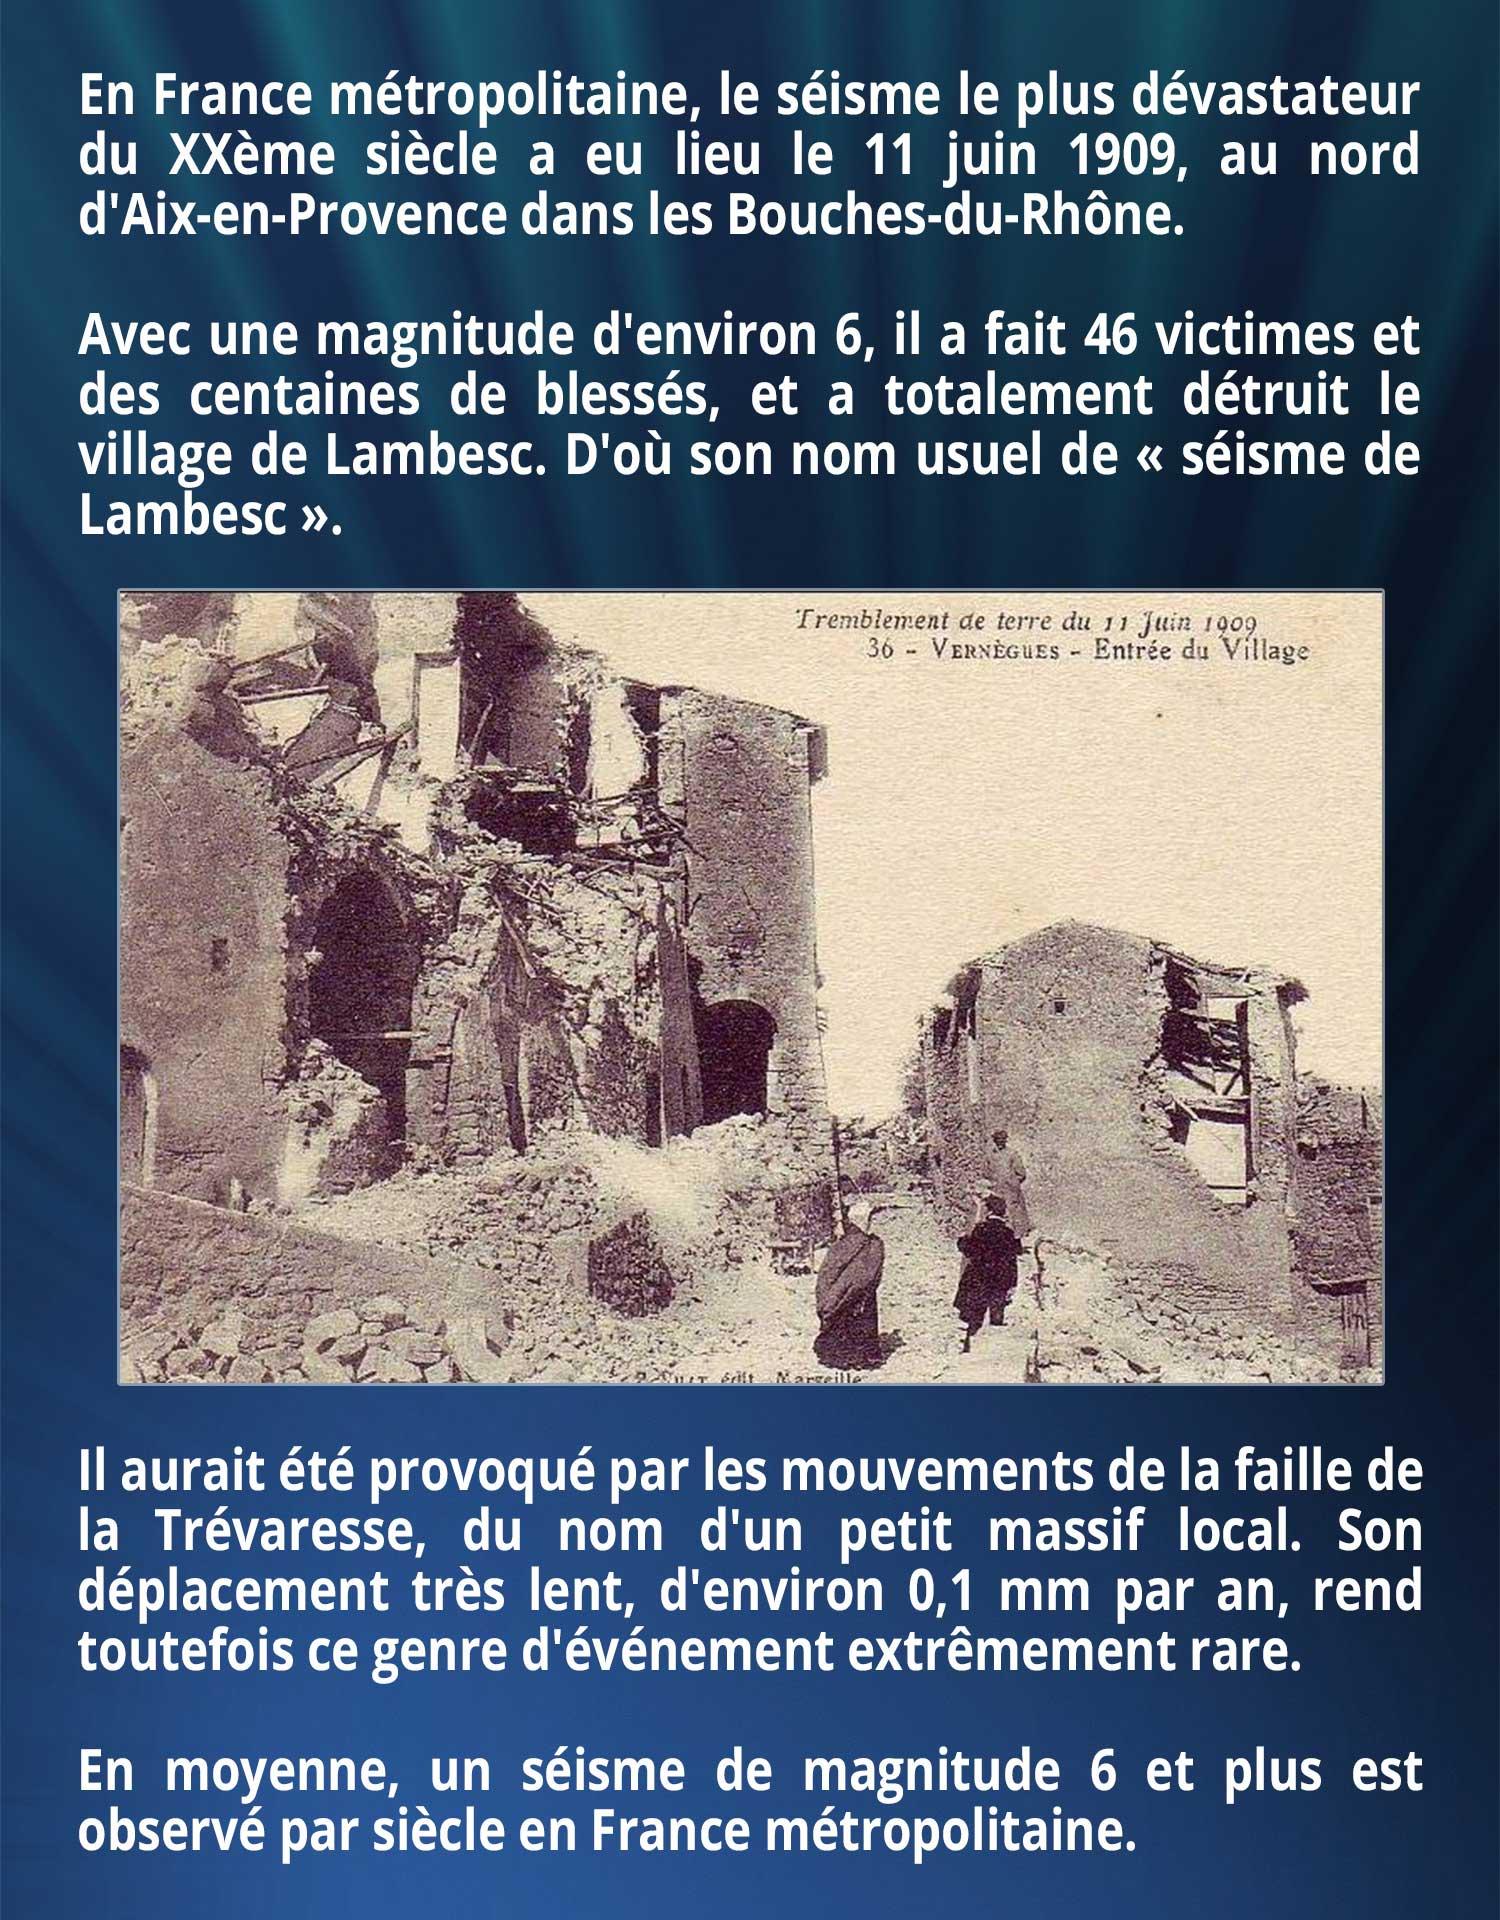 En France métropolitaine, le séisme le plus dévastateur du XXème siècle a eu lieu le 11 juin 1909, au nord d'Aix-en-Provence dans les Bouches-du-Rhône. Avec une magnitude d'environ 6, il a fait 46 victimes et des centaines de blessés, et a totalement détruit le village de Lambesc. D'où son nom usuel de « séisme de Lambesc ». Il aurait été provoqué par les mouvements de la faille de la Trévaresse, du nom d'un petit massif local. Son déplacement très lent, d'environ 0,1 mm par an, rend toutefois ce genre d'événement extrêmement rare. En moyenne, un séisme de magnitude 6 et plus est observé par siècle en France métropolitaine.